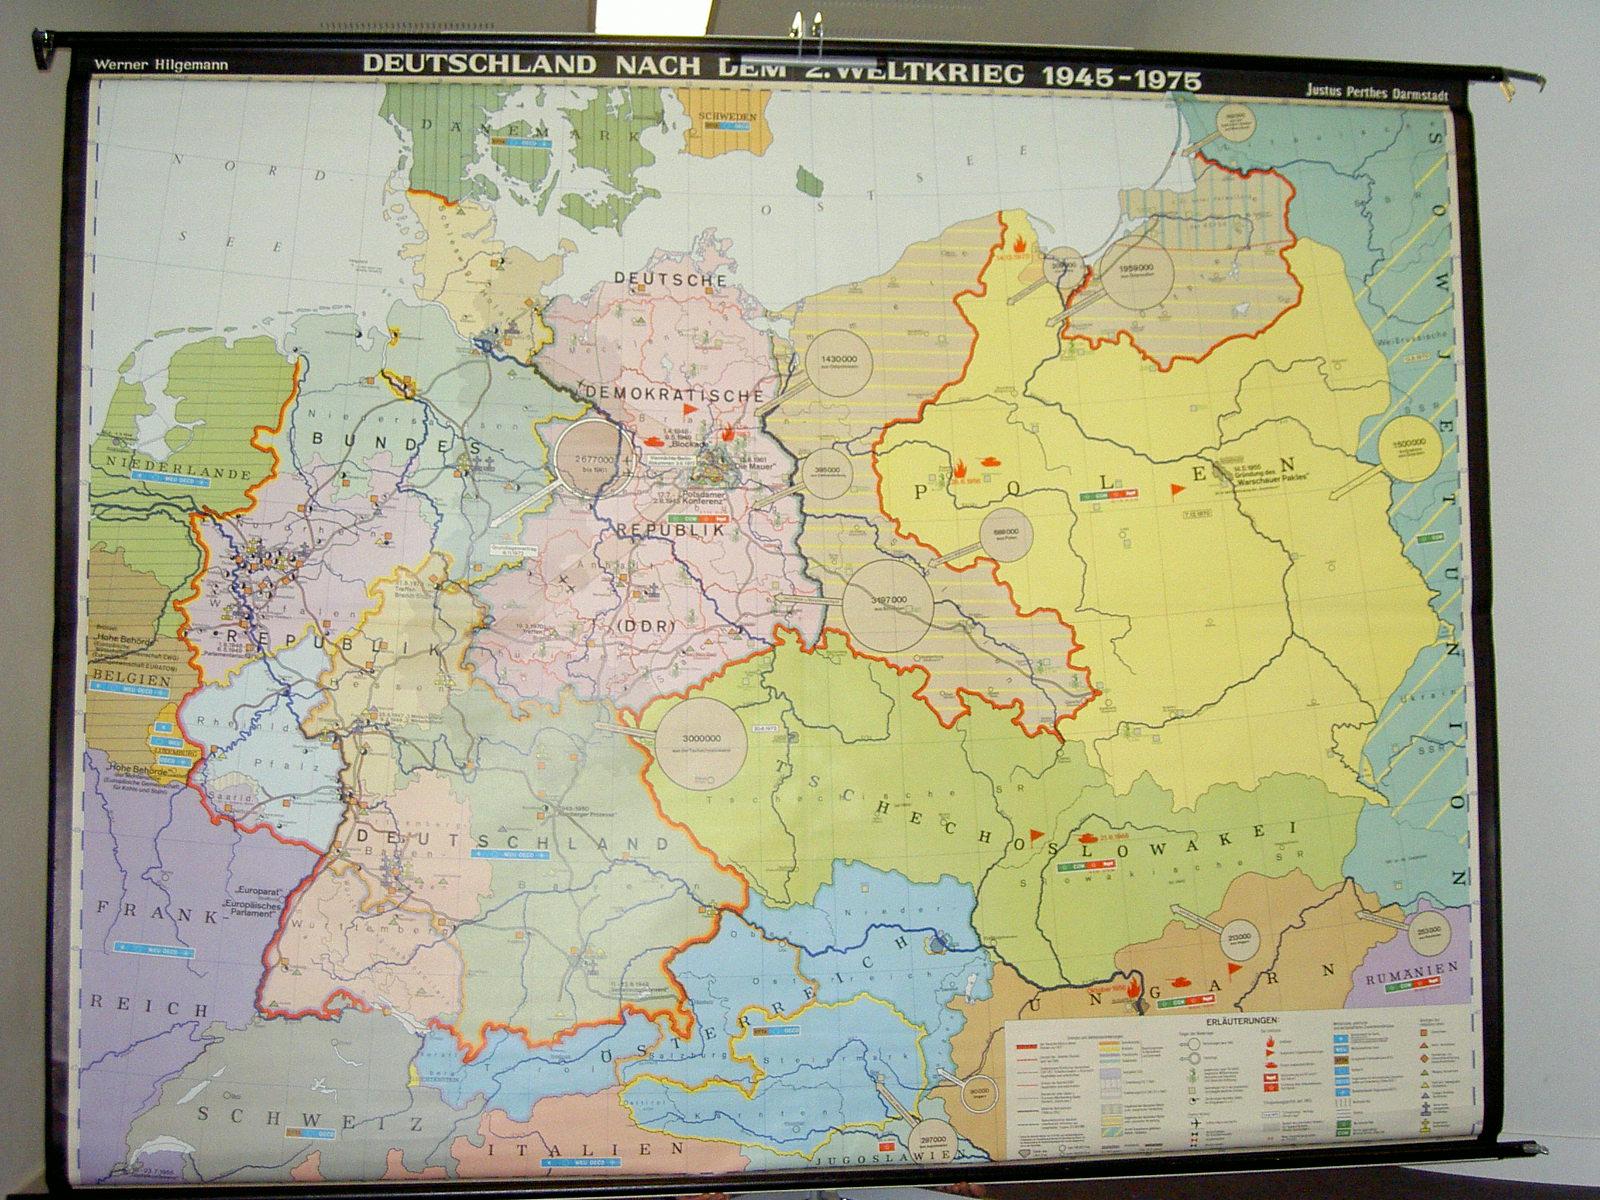 Deutschland nach dem zweiten weltkrieg 1945 1975 11